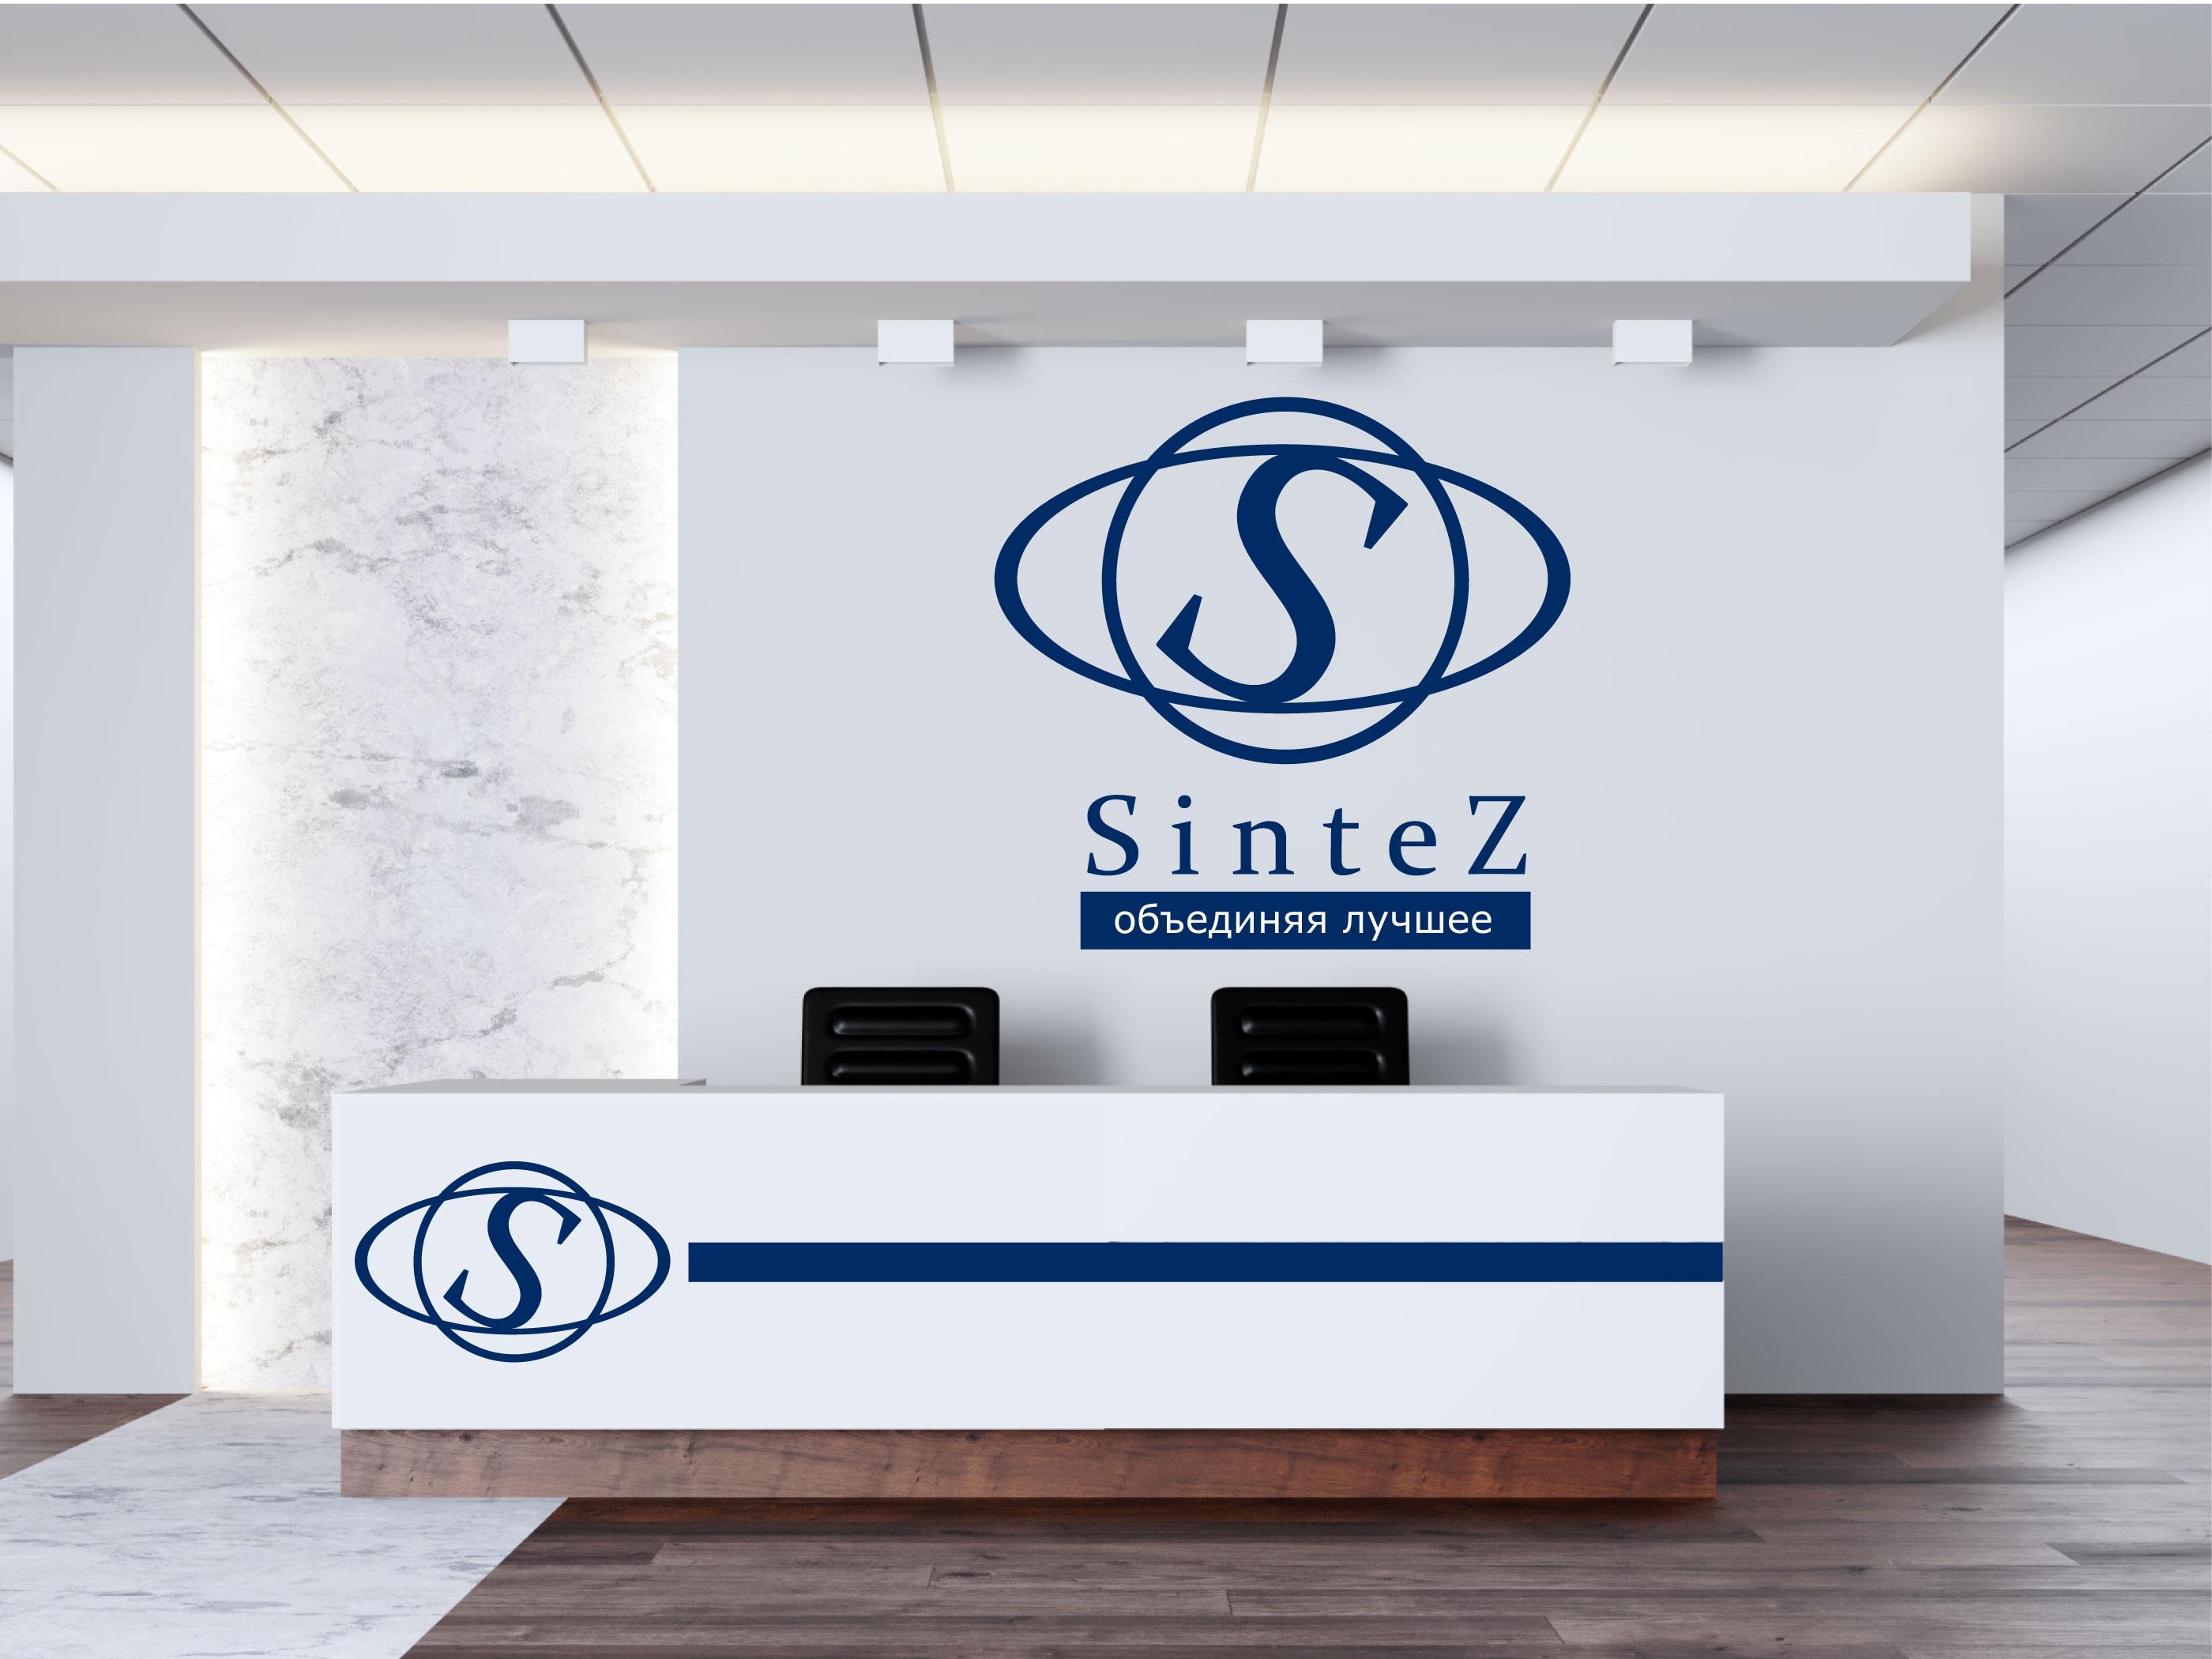 Разрабтка логотипа компании и фирменного шрифта фото f_4325f60a013a1fbb.jpg